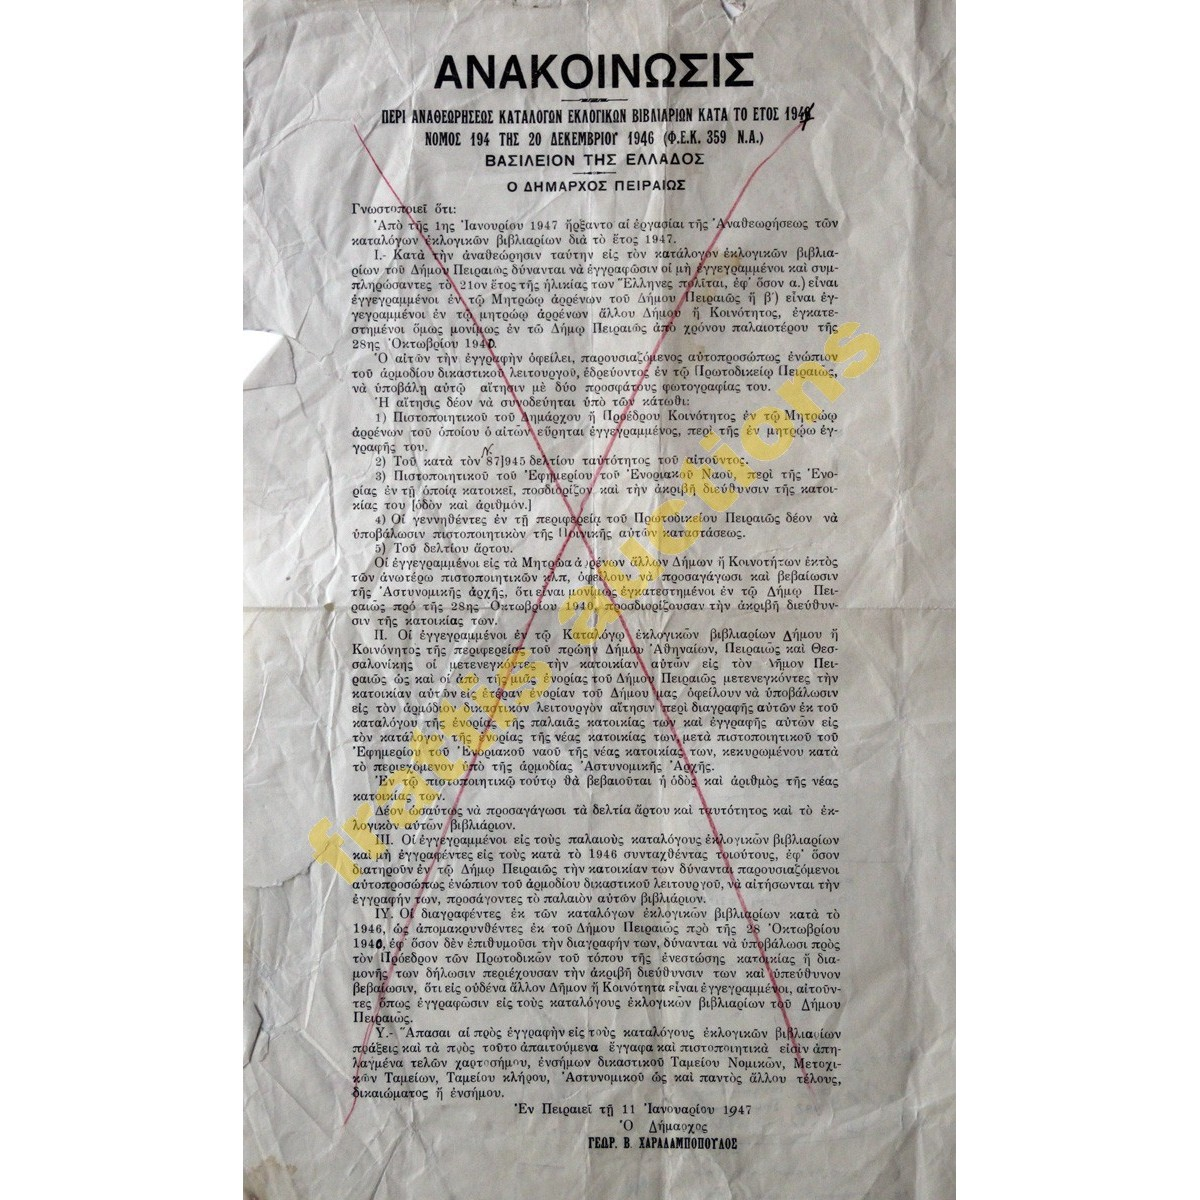 ΑΝΑΚΟΙΝΩΣΙΣ - Περί Αναθεω